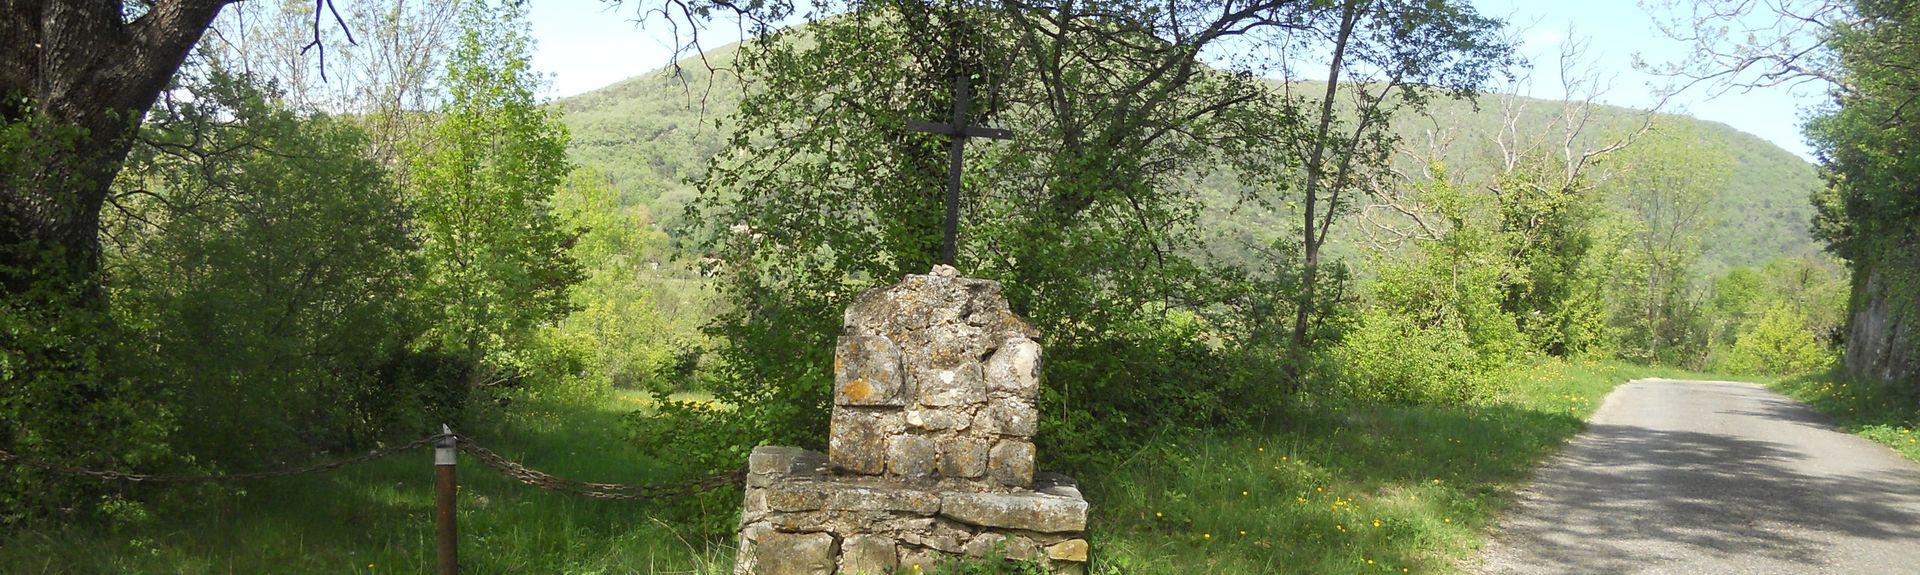 La Bégude-de-Mazenc, Auvergne-Rhône-Alpes, France